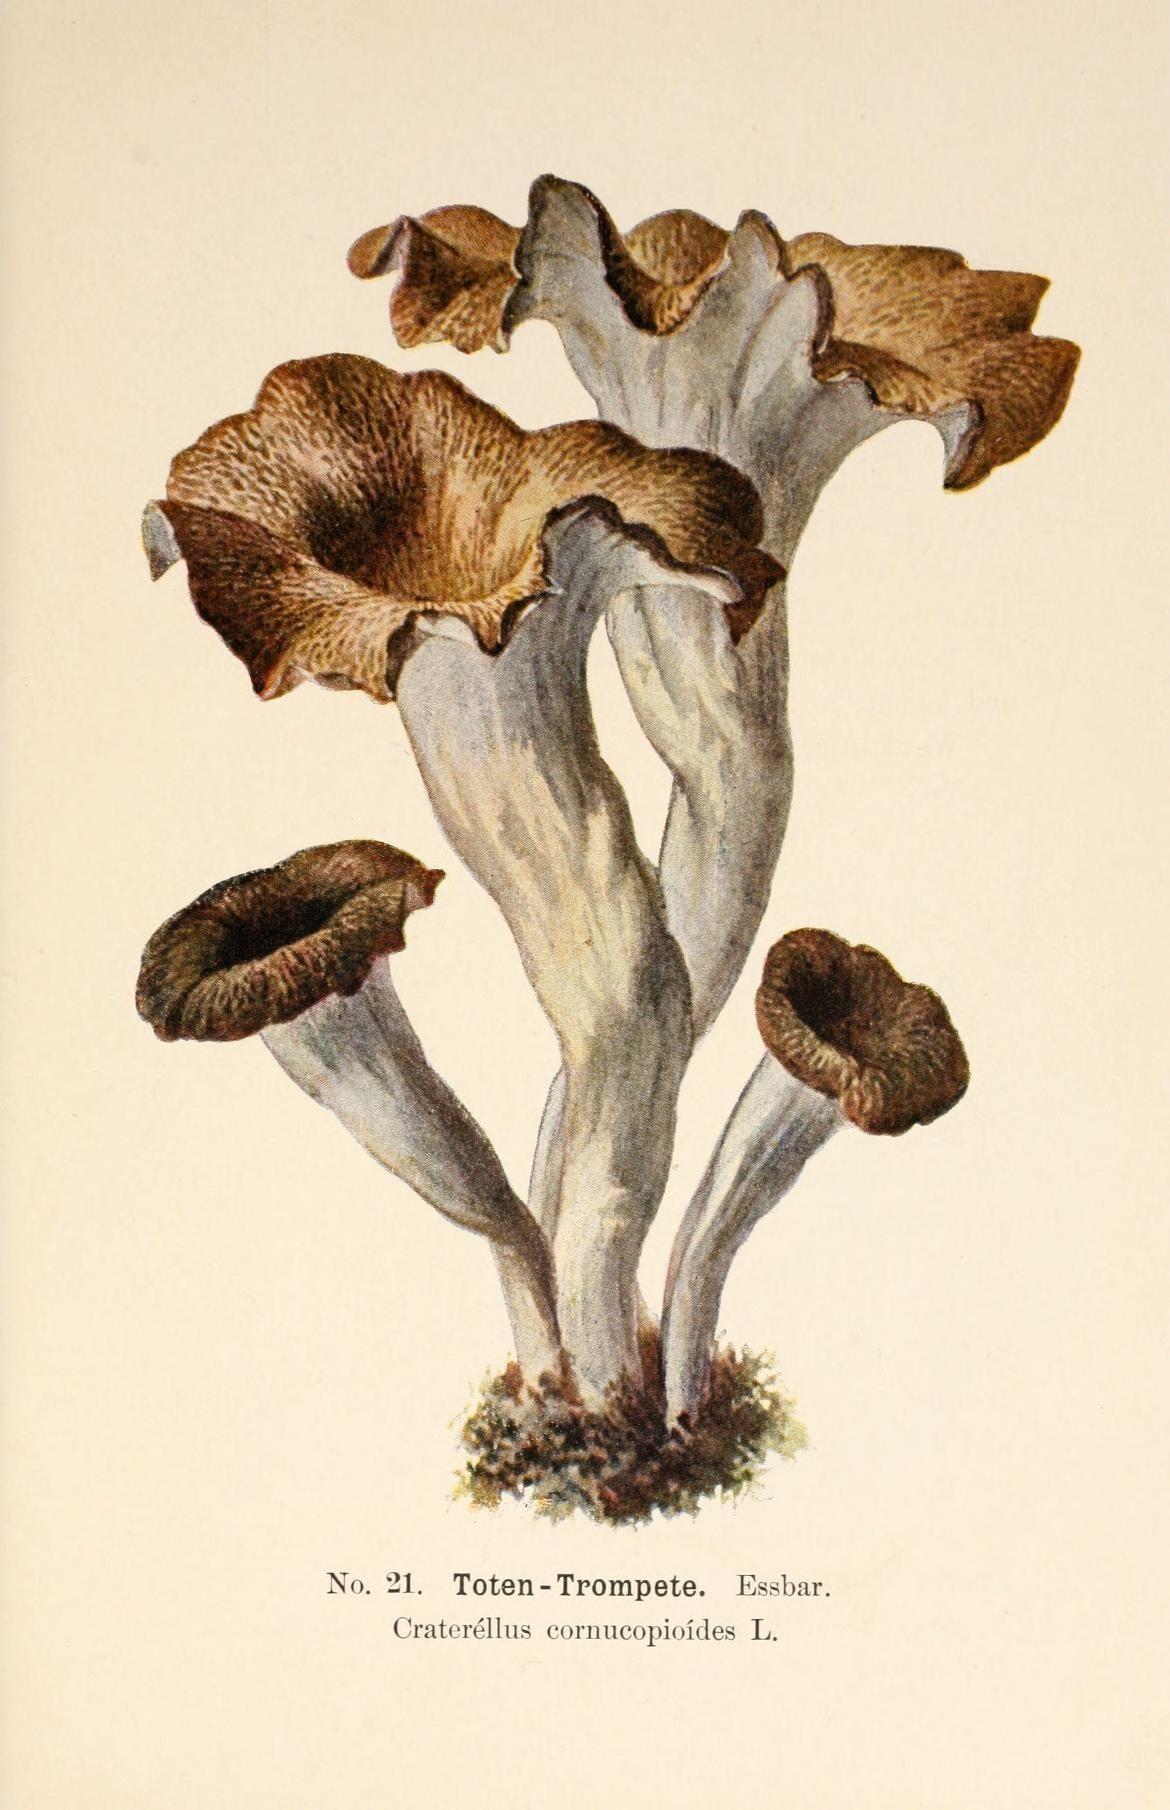 Image of Craterellus